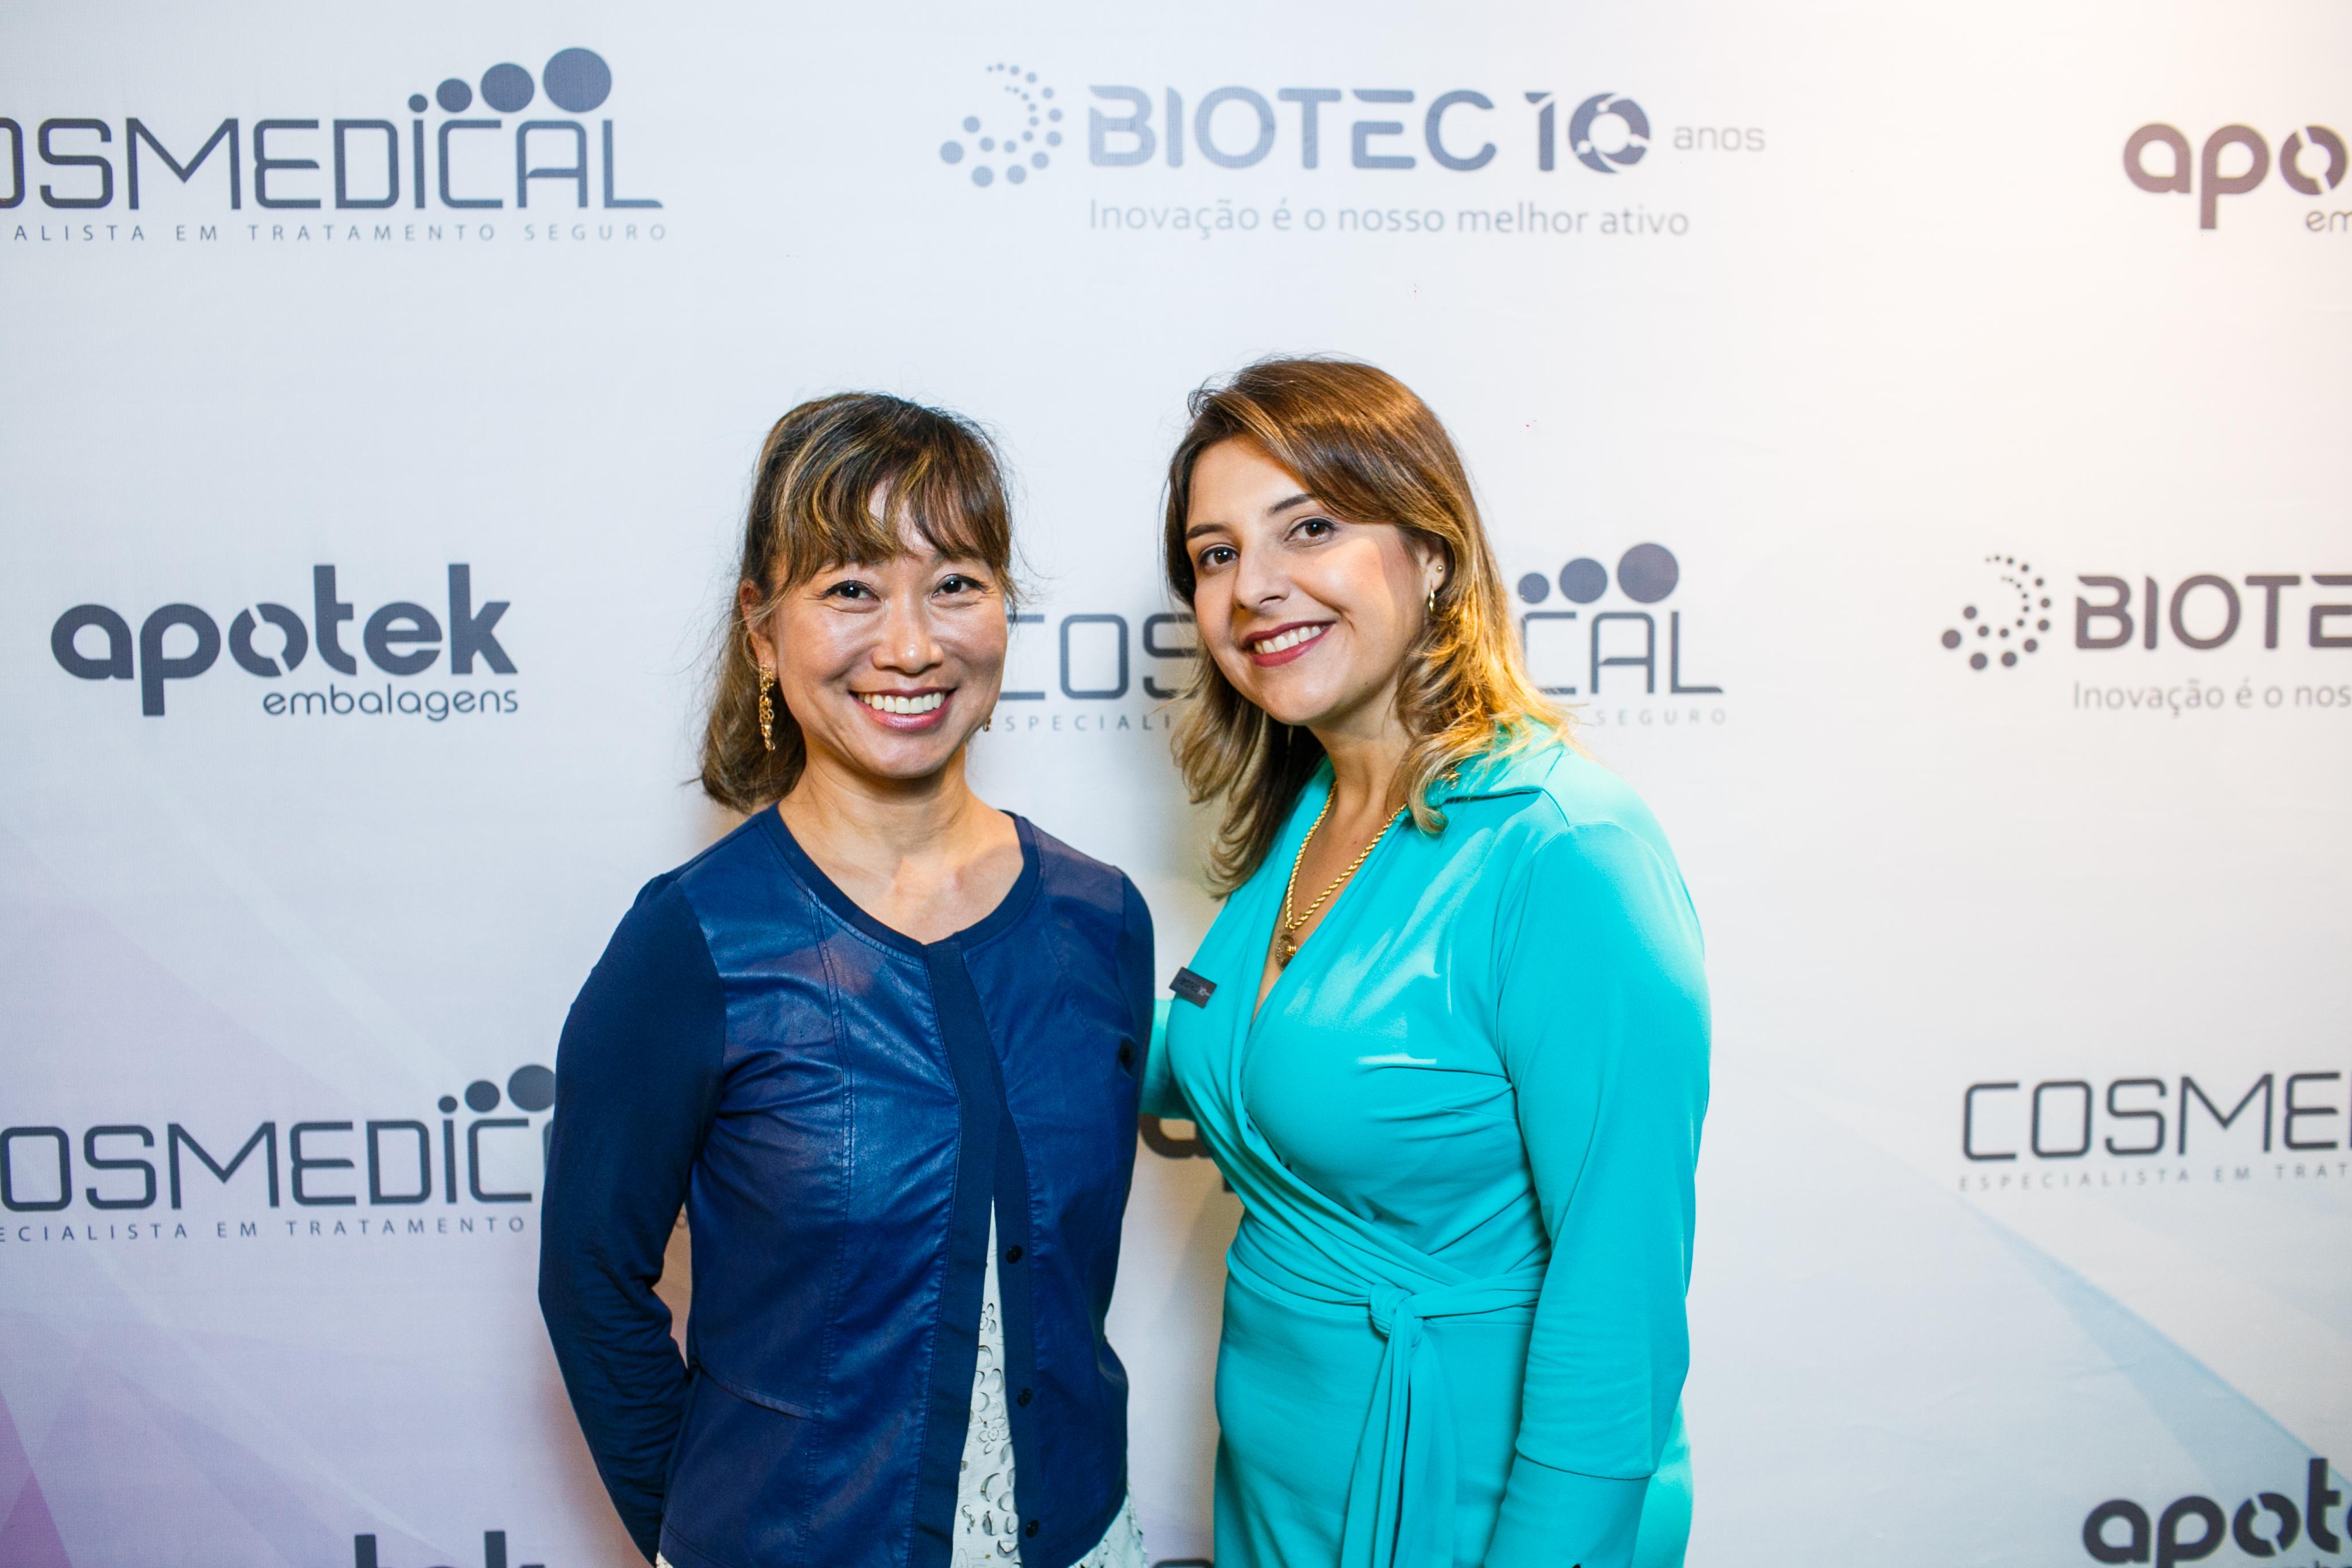 Biotec_069